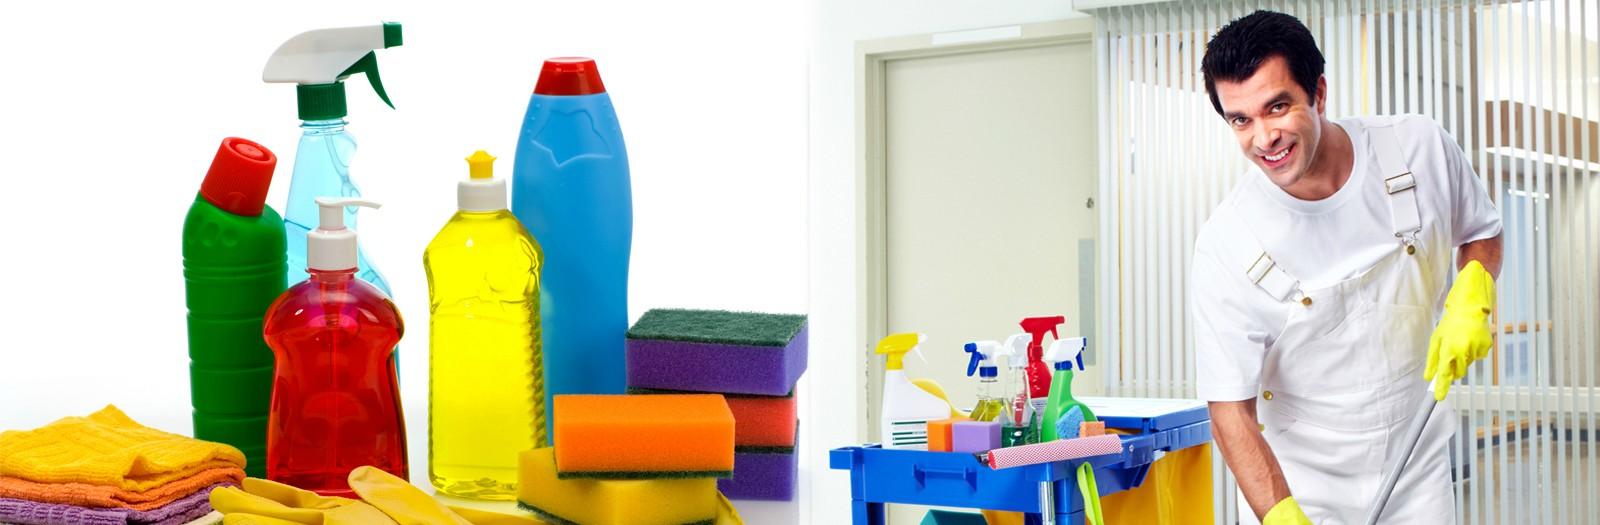 الصفرات للتنظيف بالرياض 0563238725 - صفحة 2 3-2